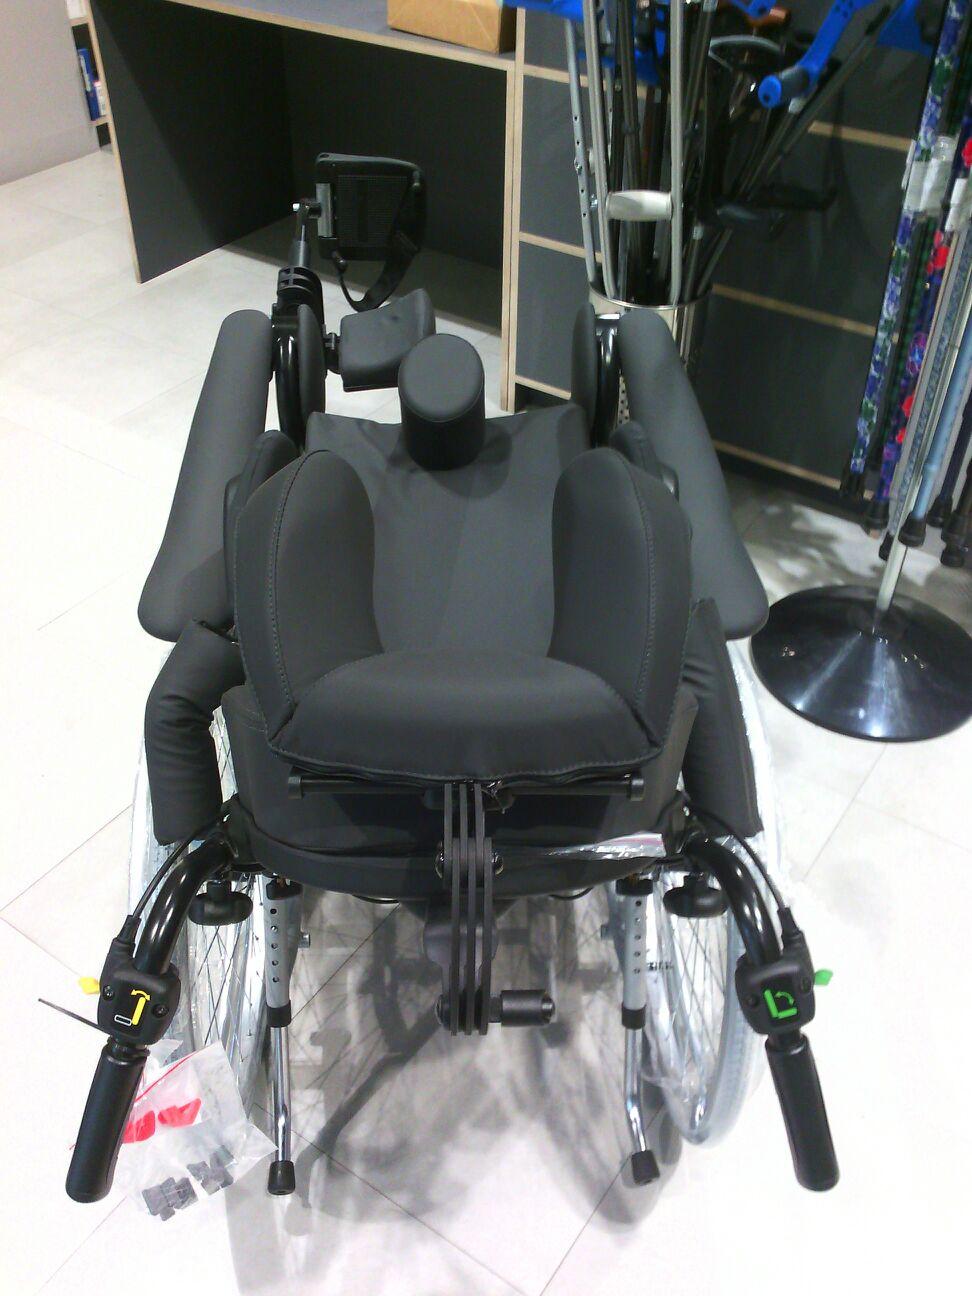 Silla de ruedas posicionadora rea clematis en ortopedia - Reposacabezas silla de ruedas ...